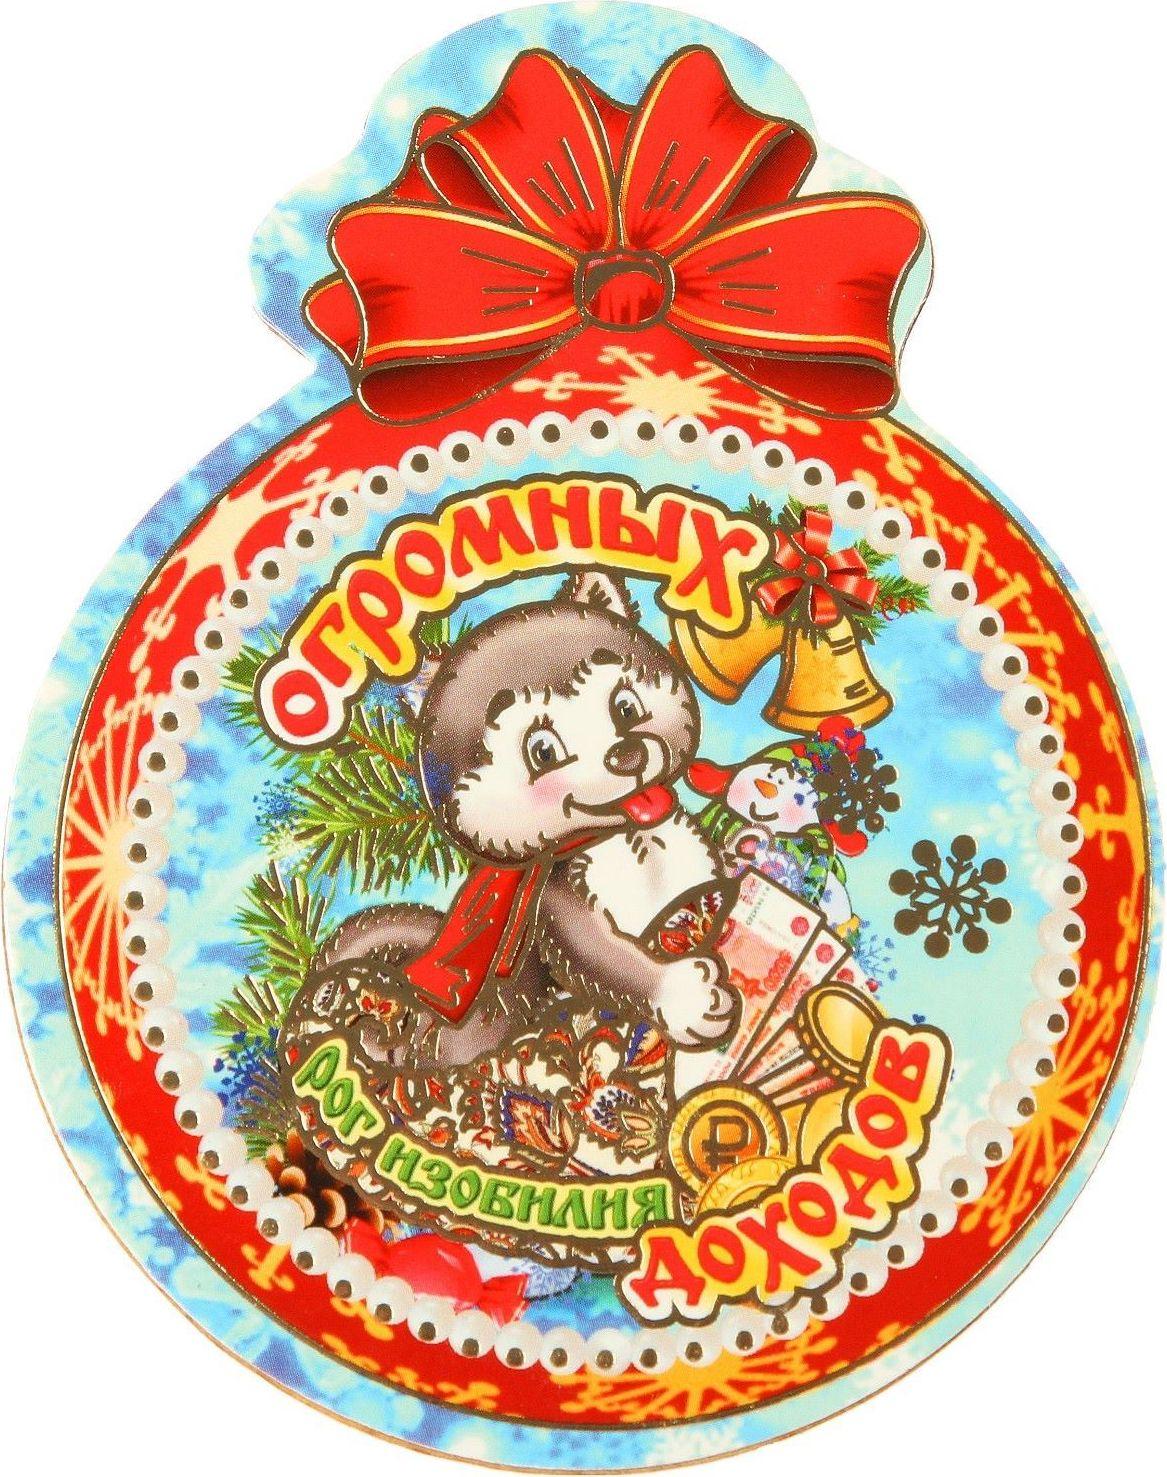 Магнит Sima-land Новогодний, 9,5 х 7,5 см2532386Порадуйте родных и близких оригинальным сувениром: преподнесите в подарок магнит. С ним даже самый серьёзный человек почувствует себя ребёнком, ожидающим чудо! Создайте праздничное настроение, и оно останется с вами на весь год.